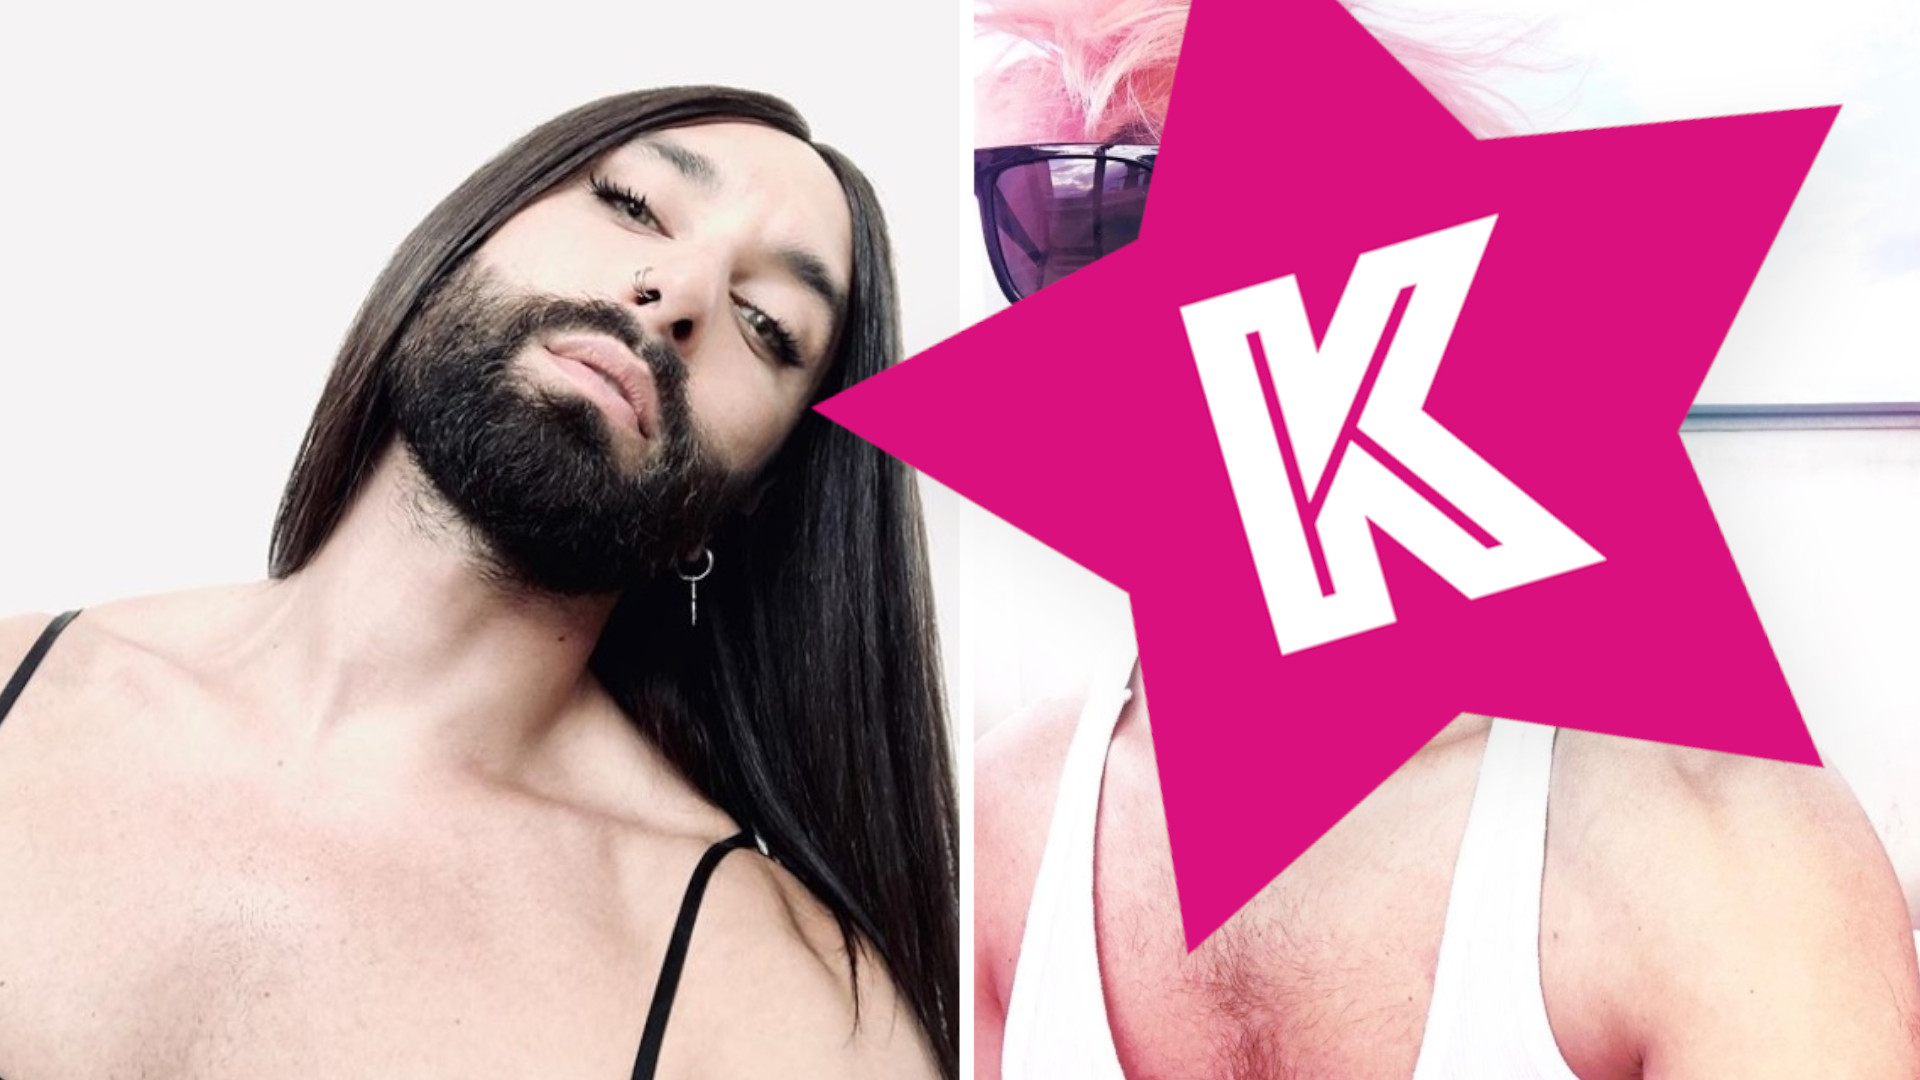 Nie ma już Conchity Wurst – wizerunek uległ całkowitej zmianie! (ZDJĘCIA)